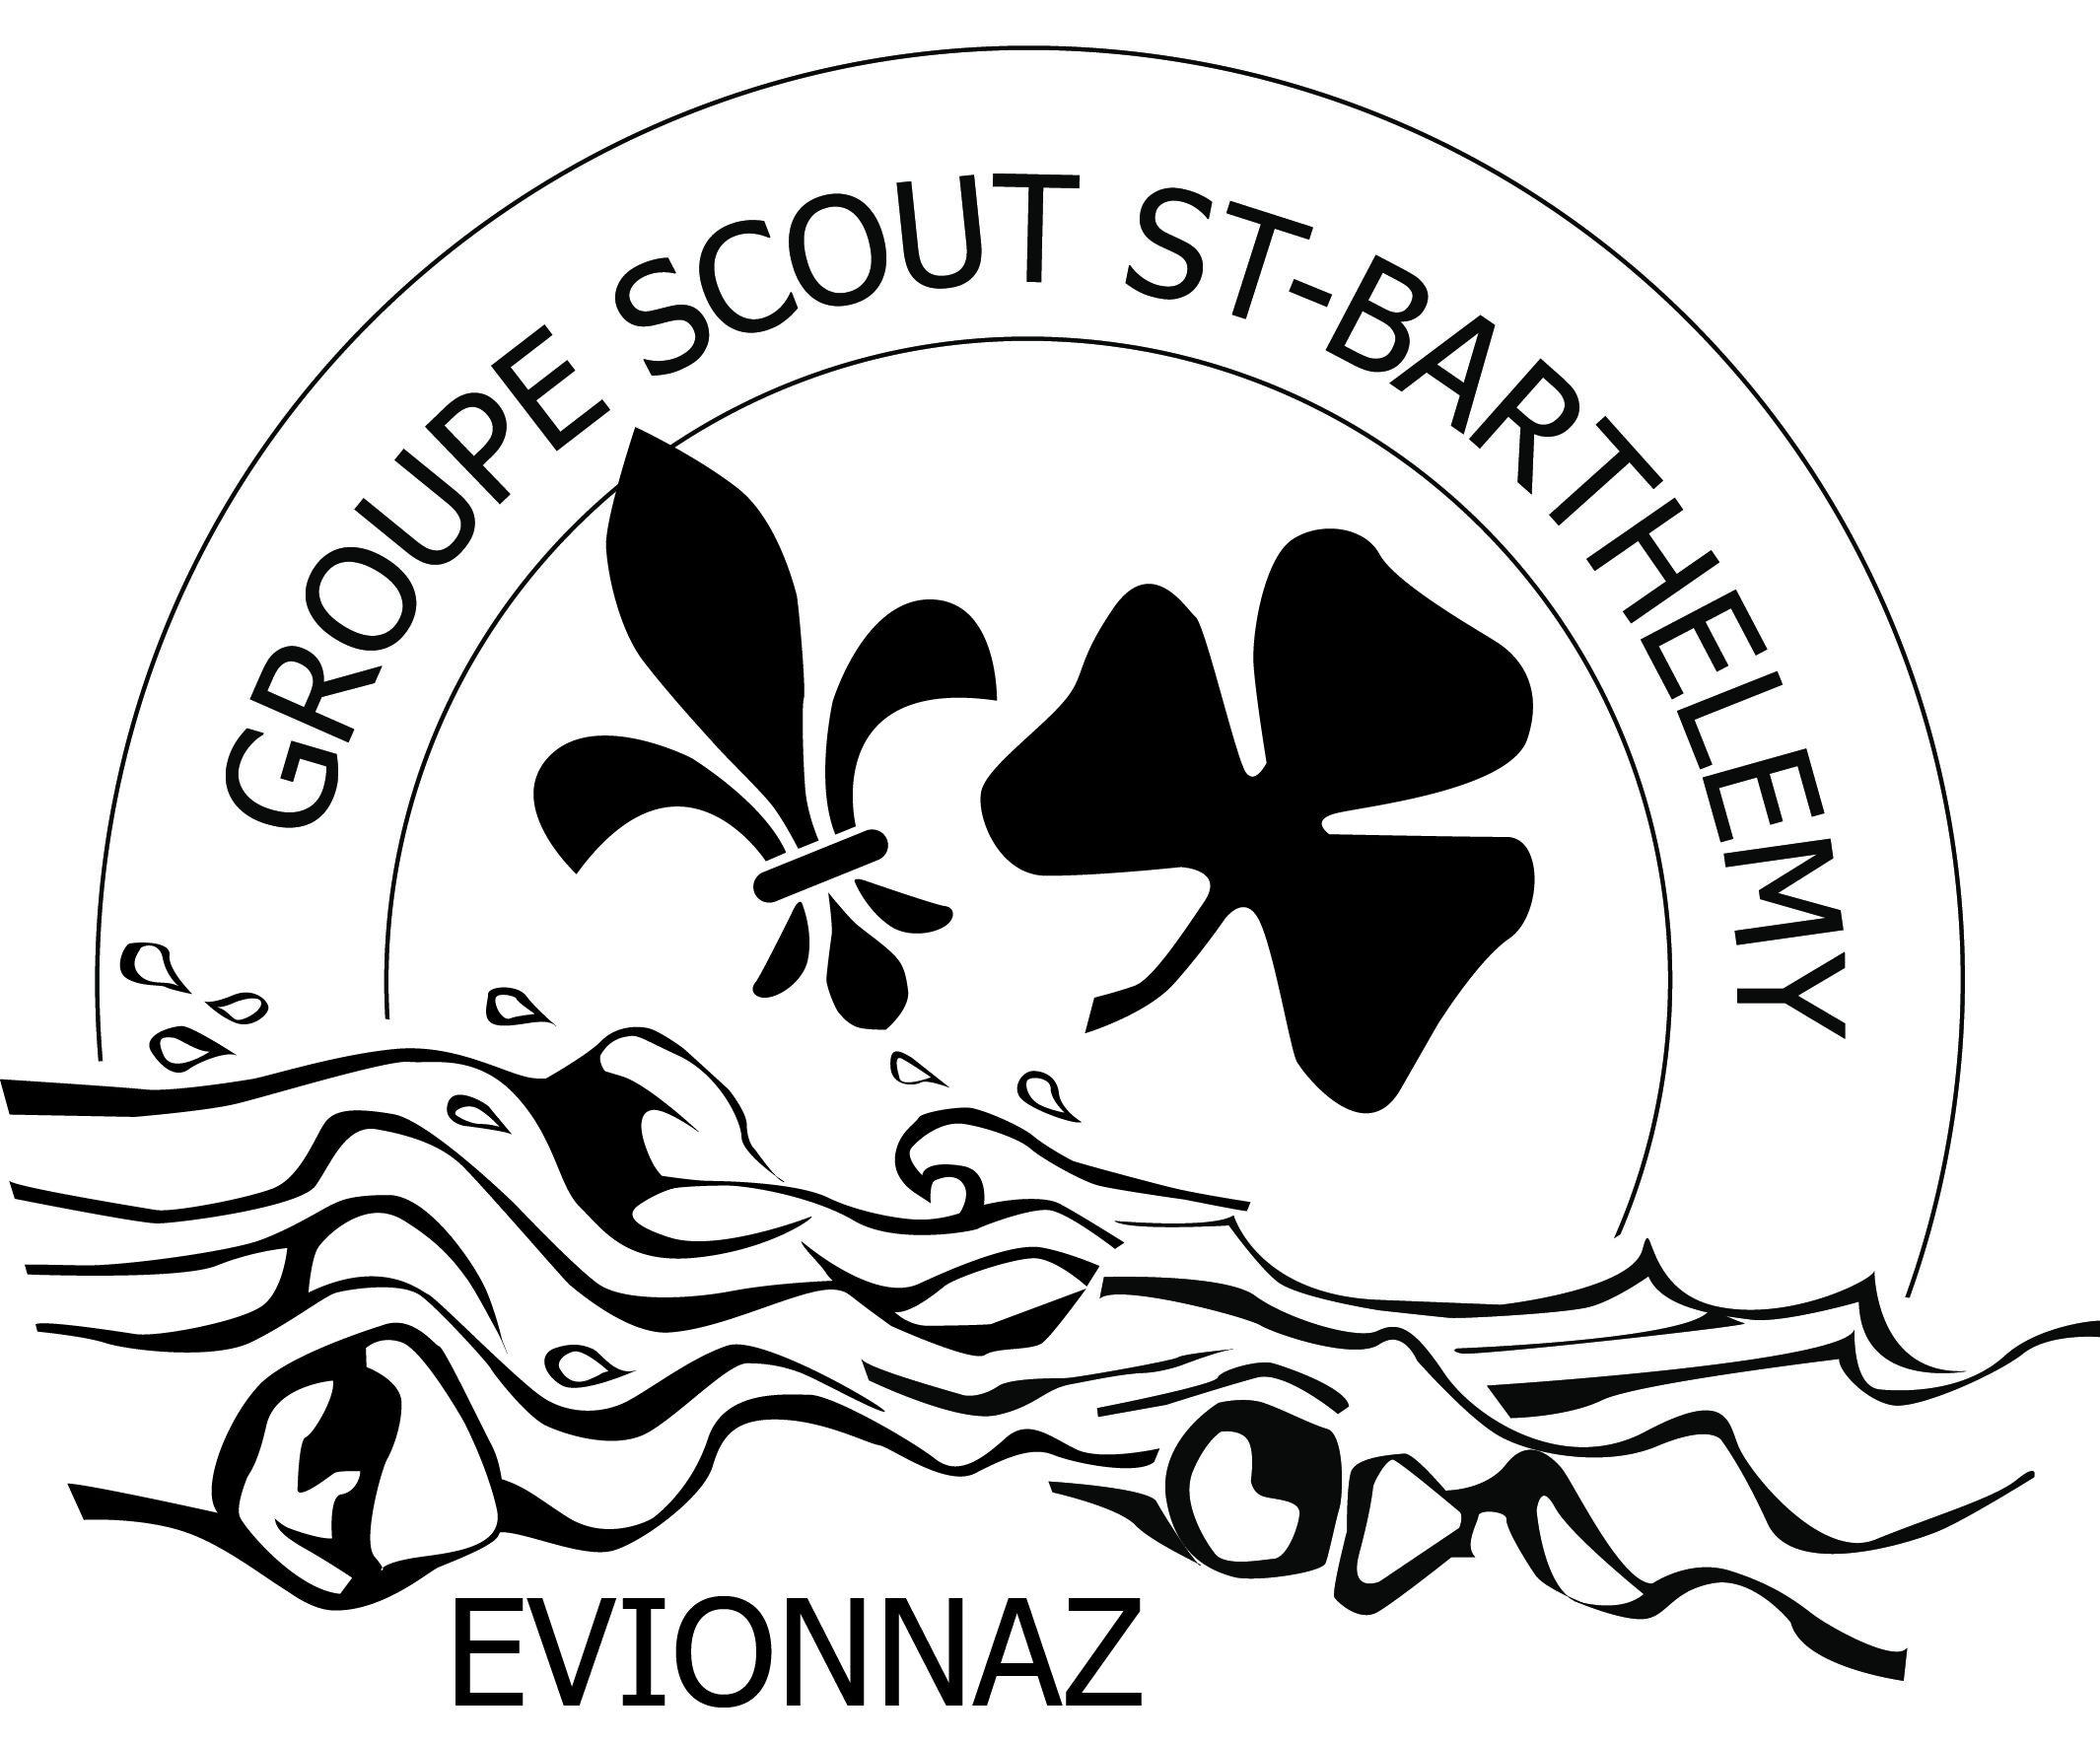 Groupe Scouts St-Barthélémy